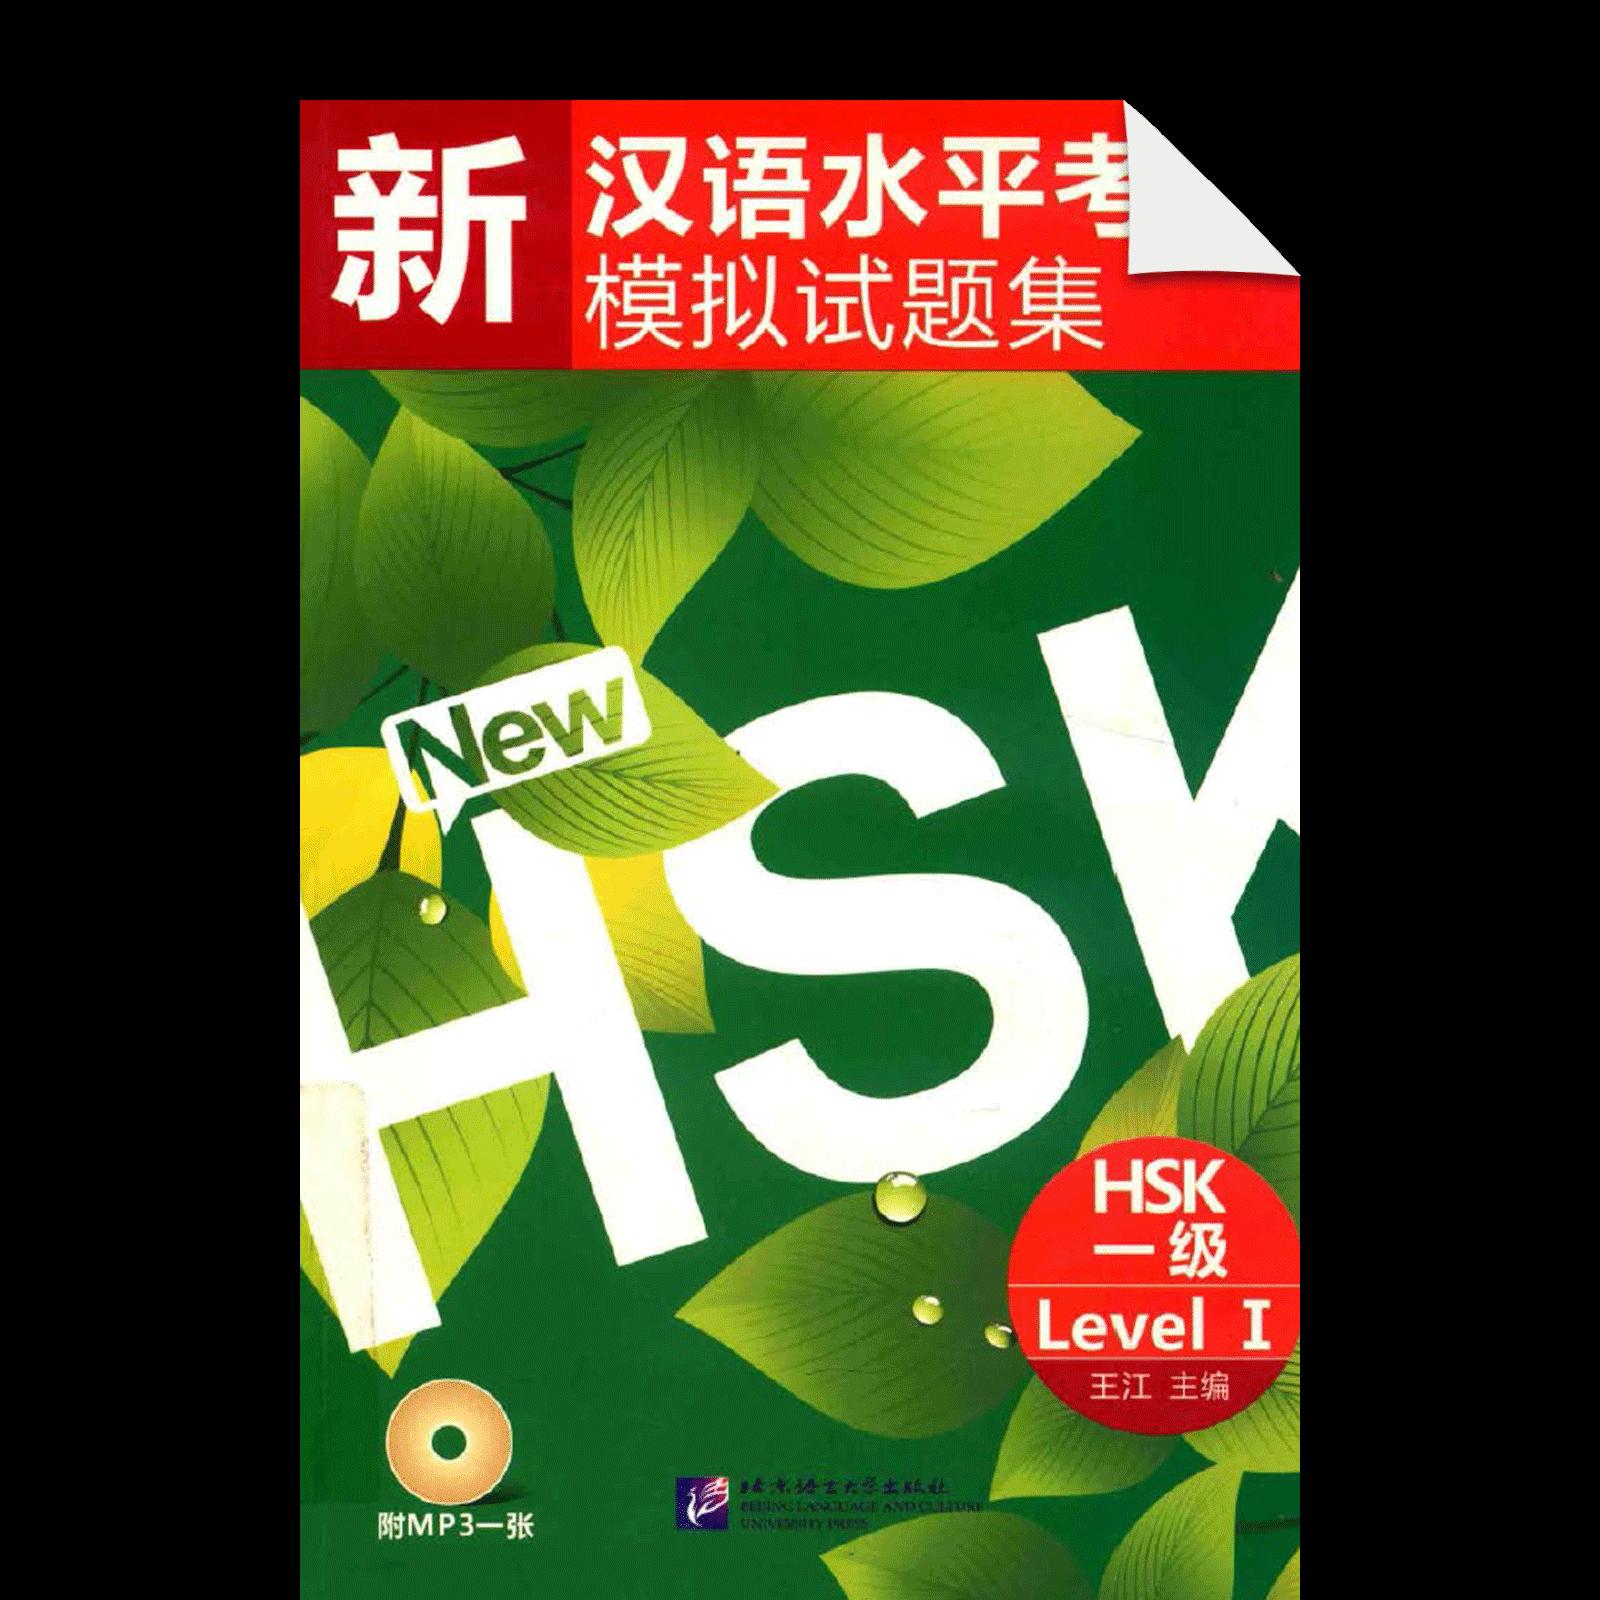 Xin Hanyu Shuiping Kaoshi Moni Shitiji Hsk 1Ji